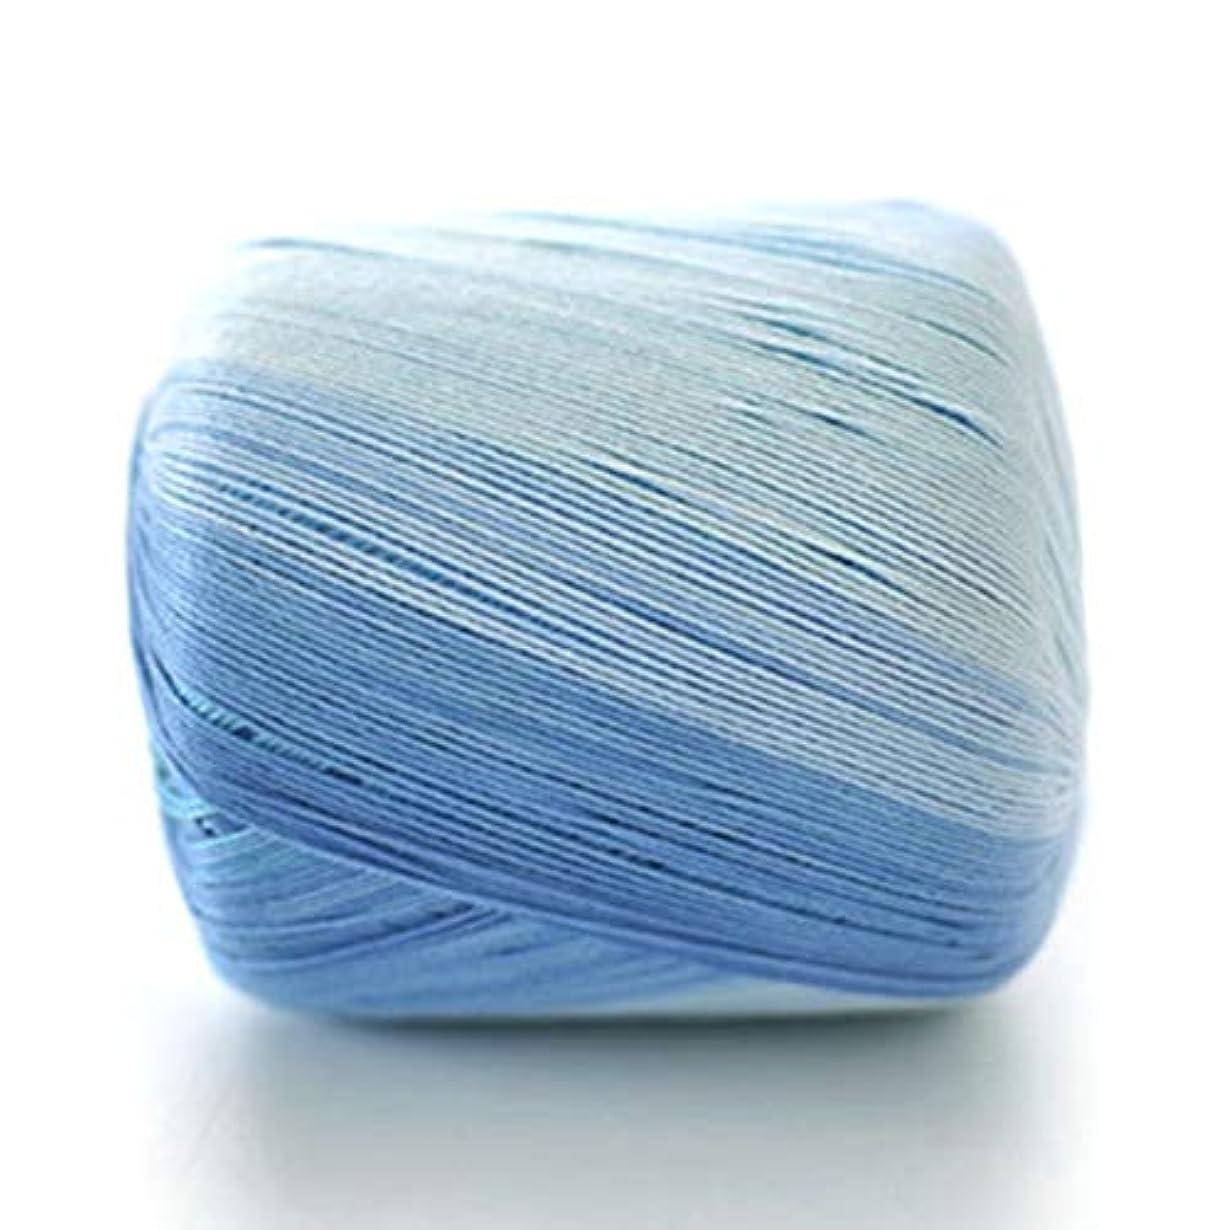 怠けた裏切り者好意Saikogoods 手作りかぎ針編みのフック糸 色付け レース糸 5号ピュアコットン ファインニットウール ソフト滑らかな 縫製ライン 青